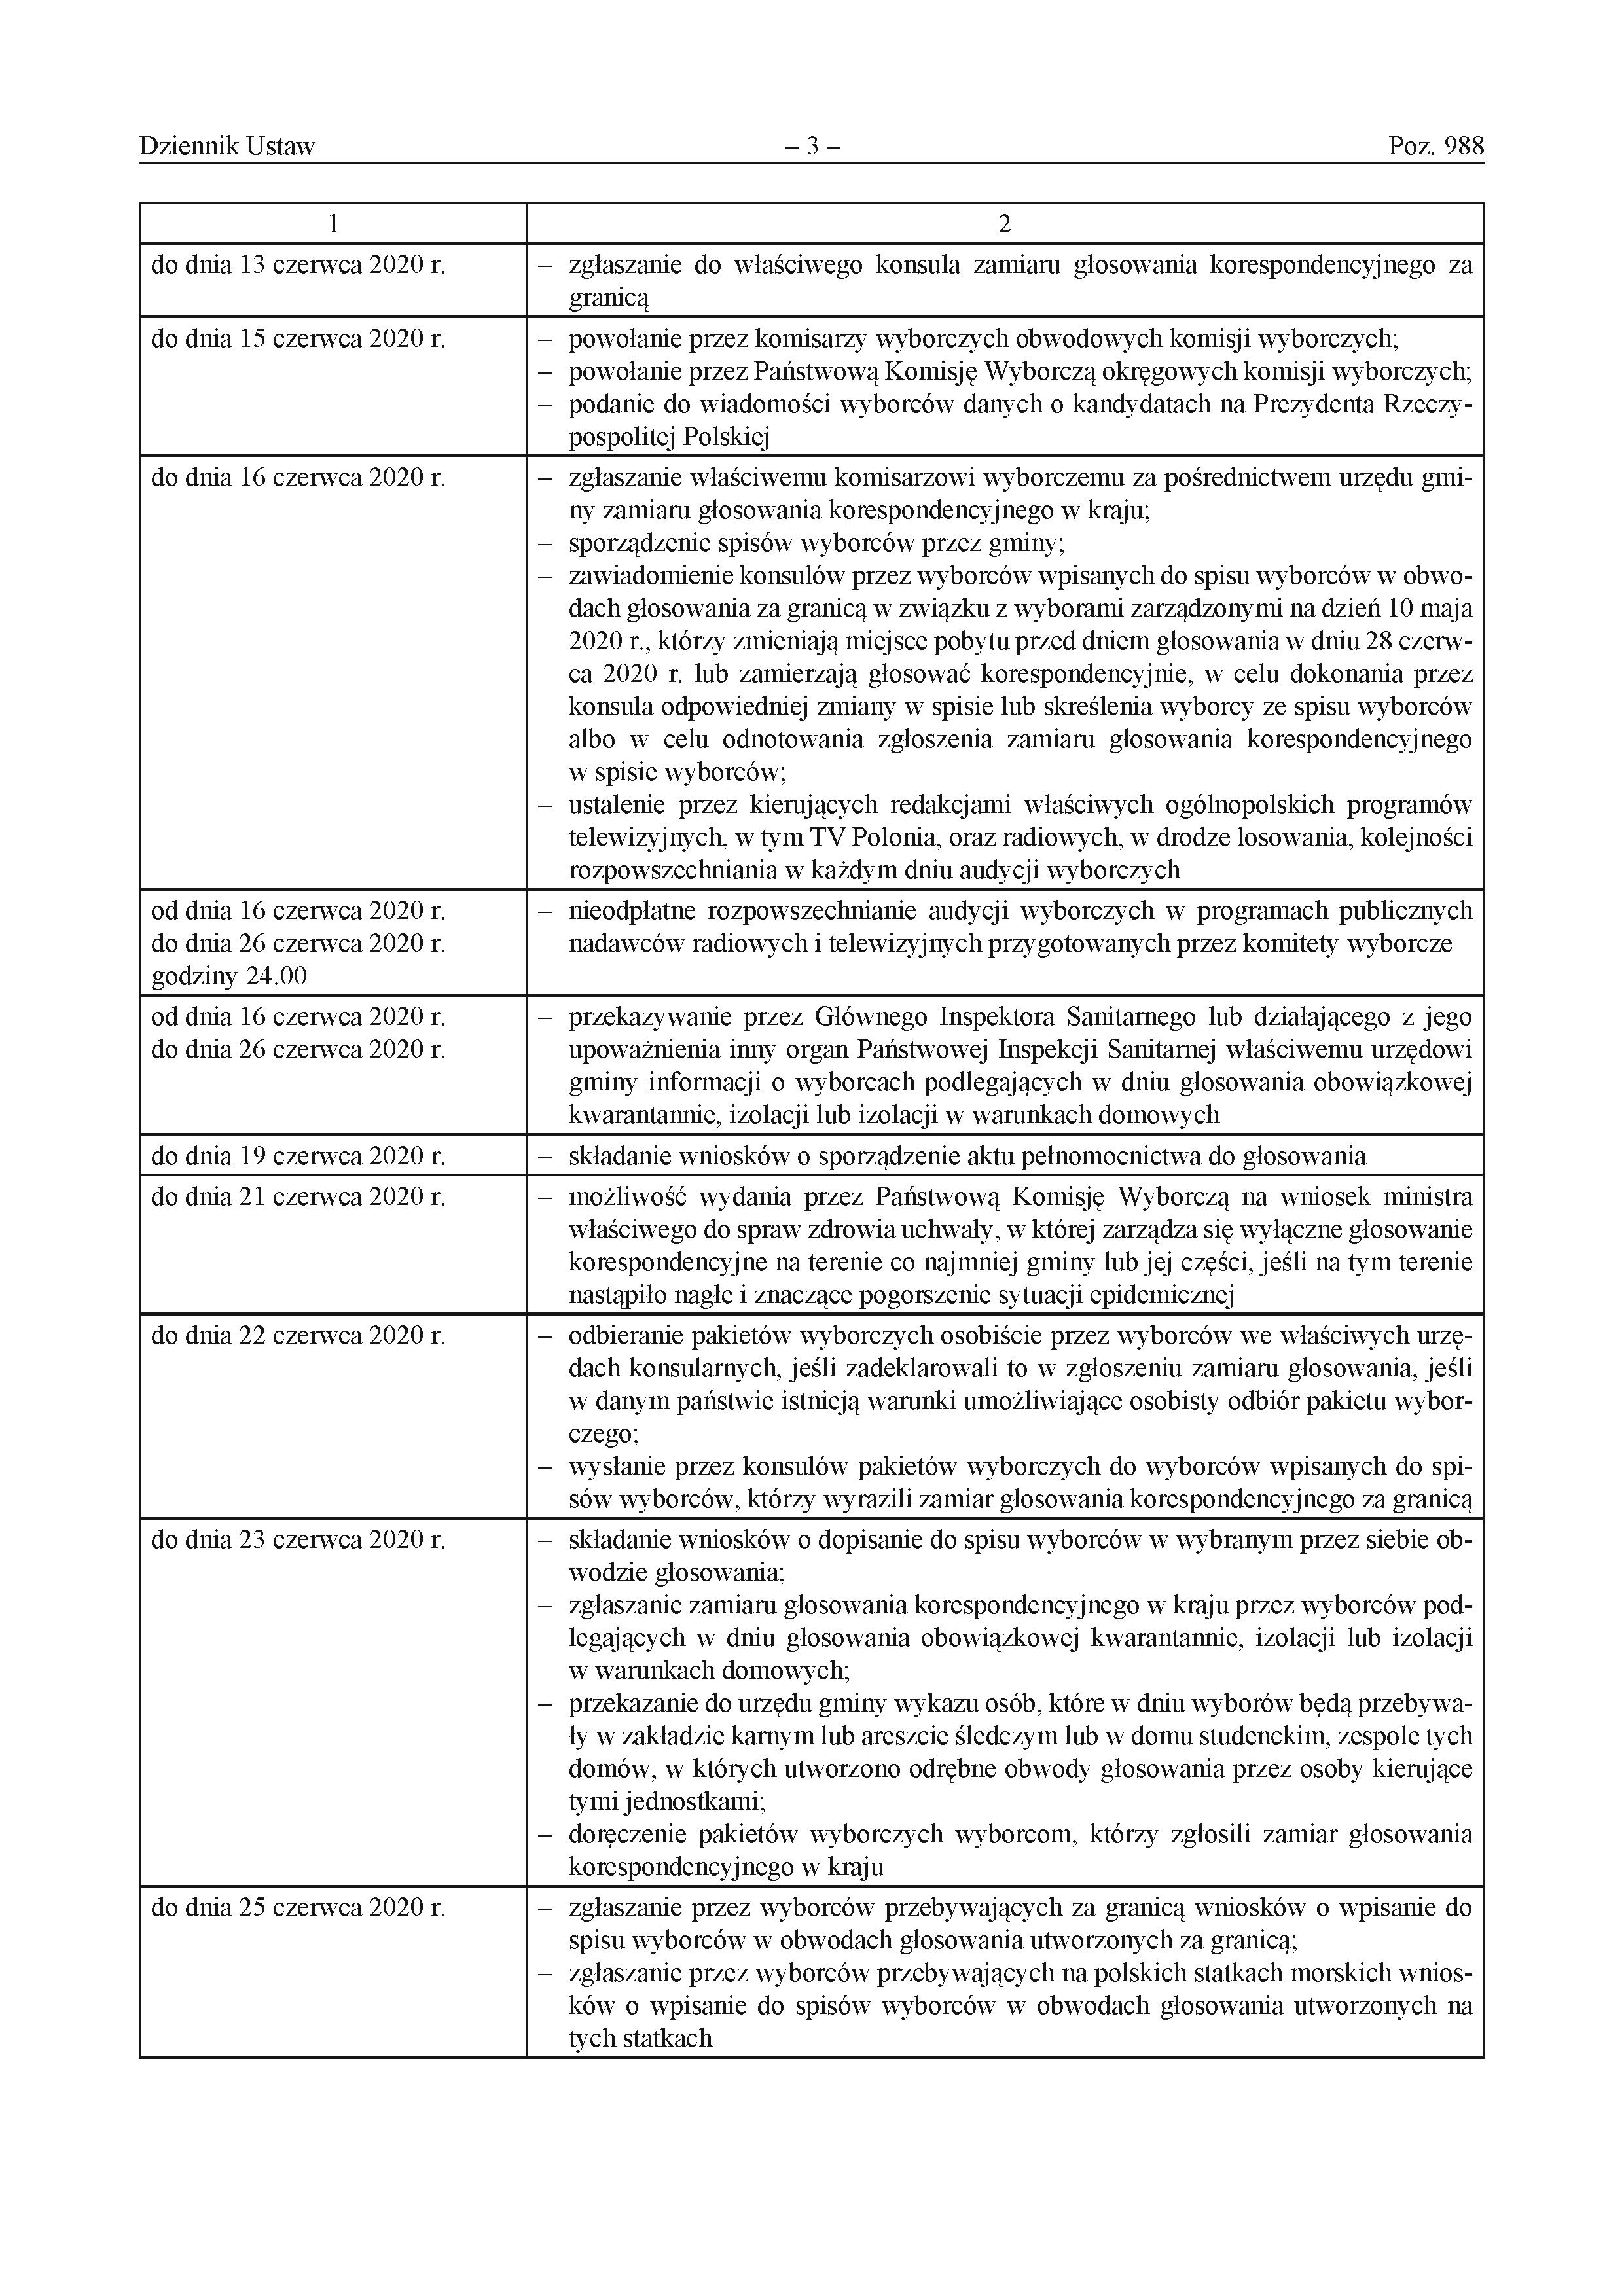 Postanowienie Marszałka Sejmu RP w sprawie zarządzenia wyborów Prezydenta Rzeczypospolitej Polskiej strona 3